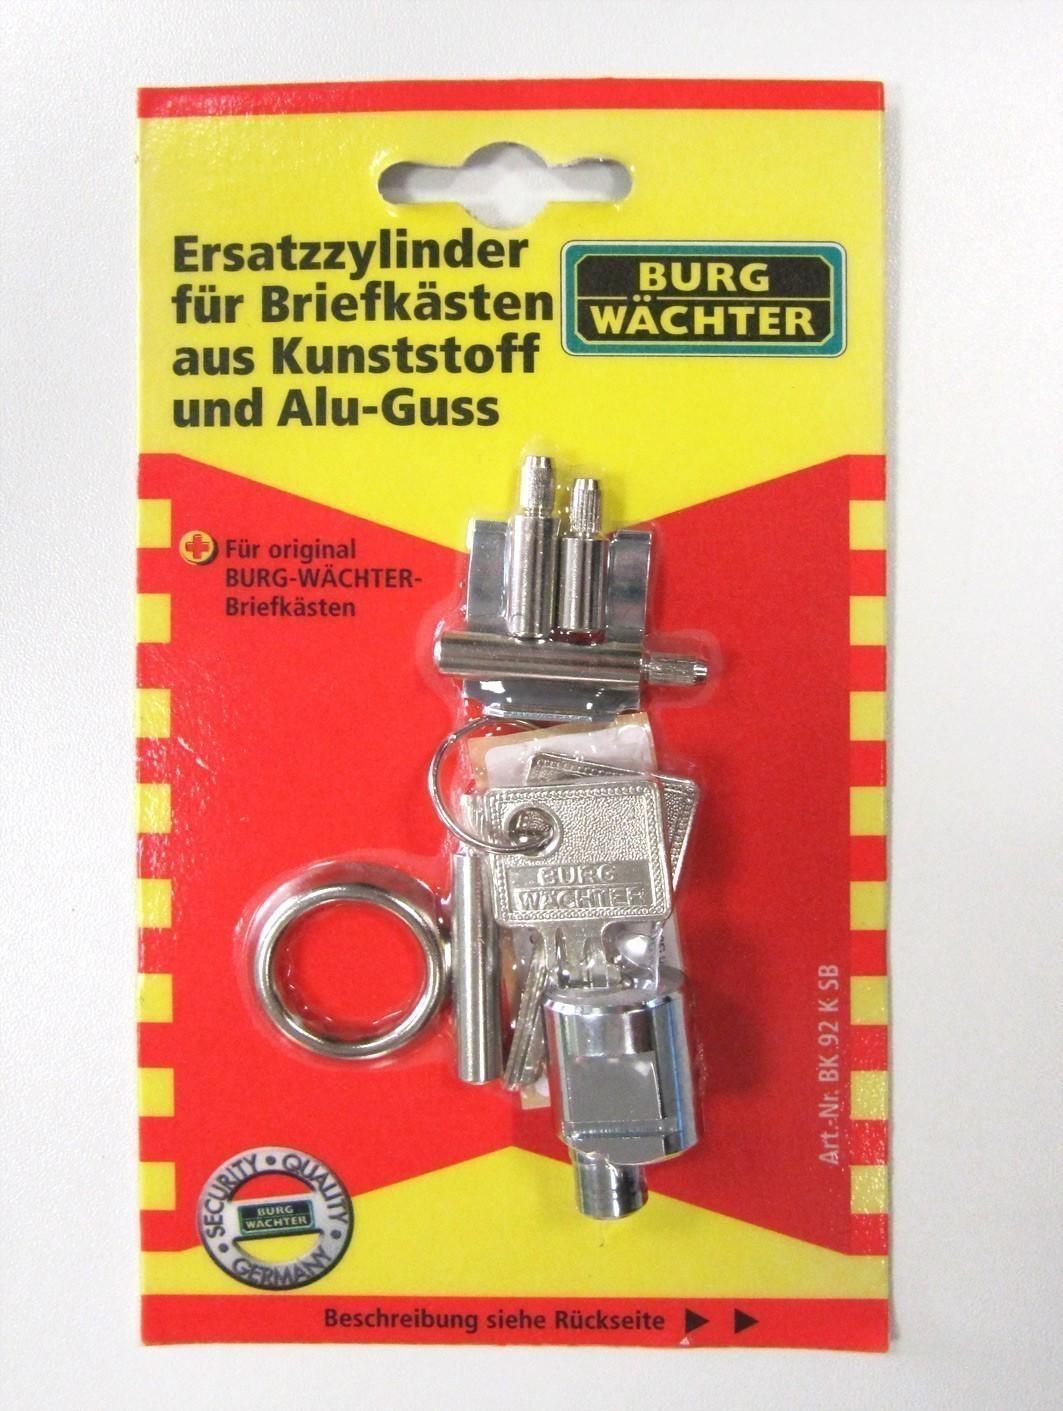 Burg Wächter Ersatz Zylinder BK 92 K Burg Wächter Briefkästen Bild 1